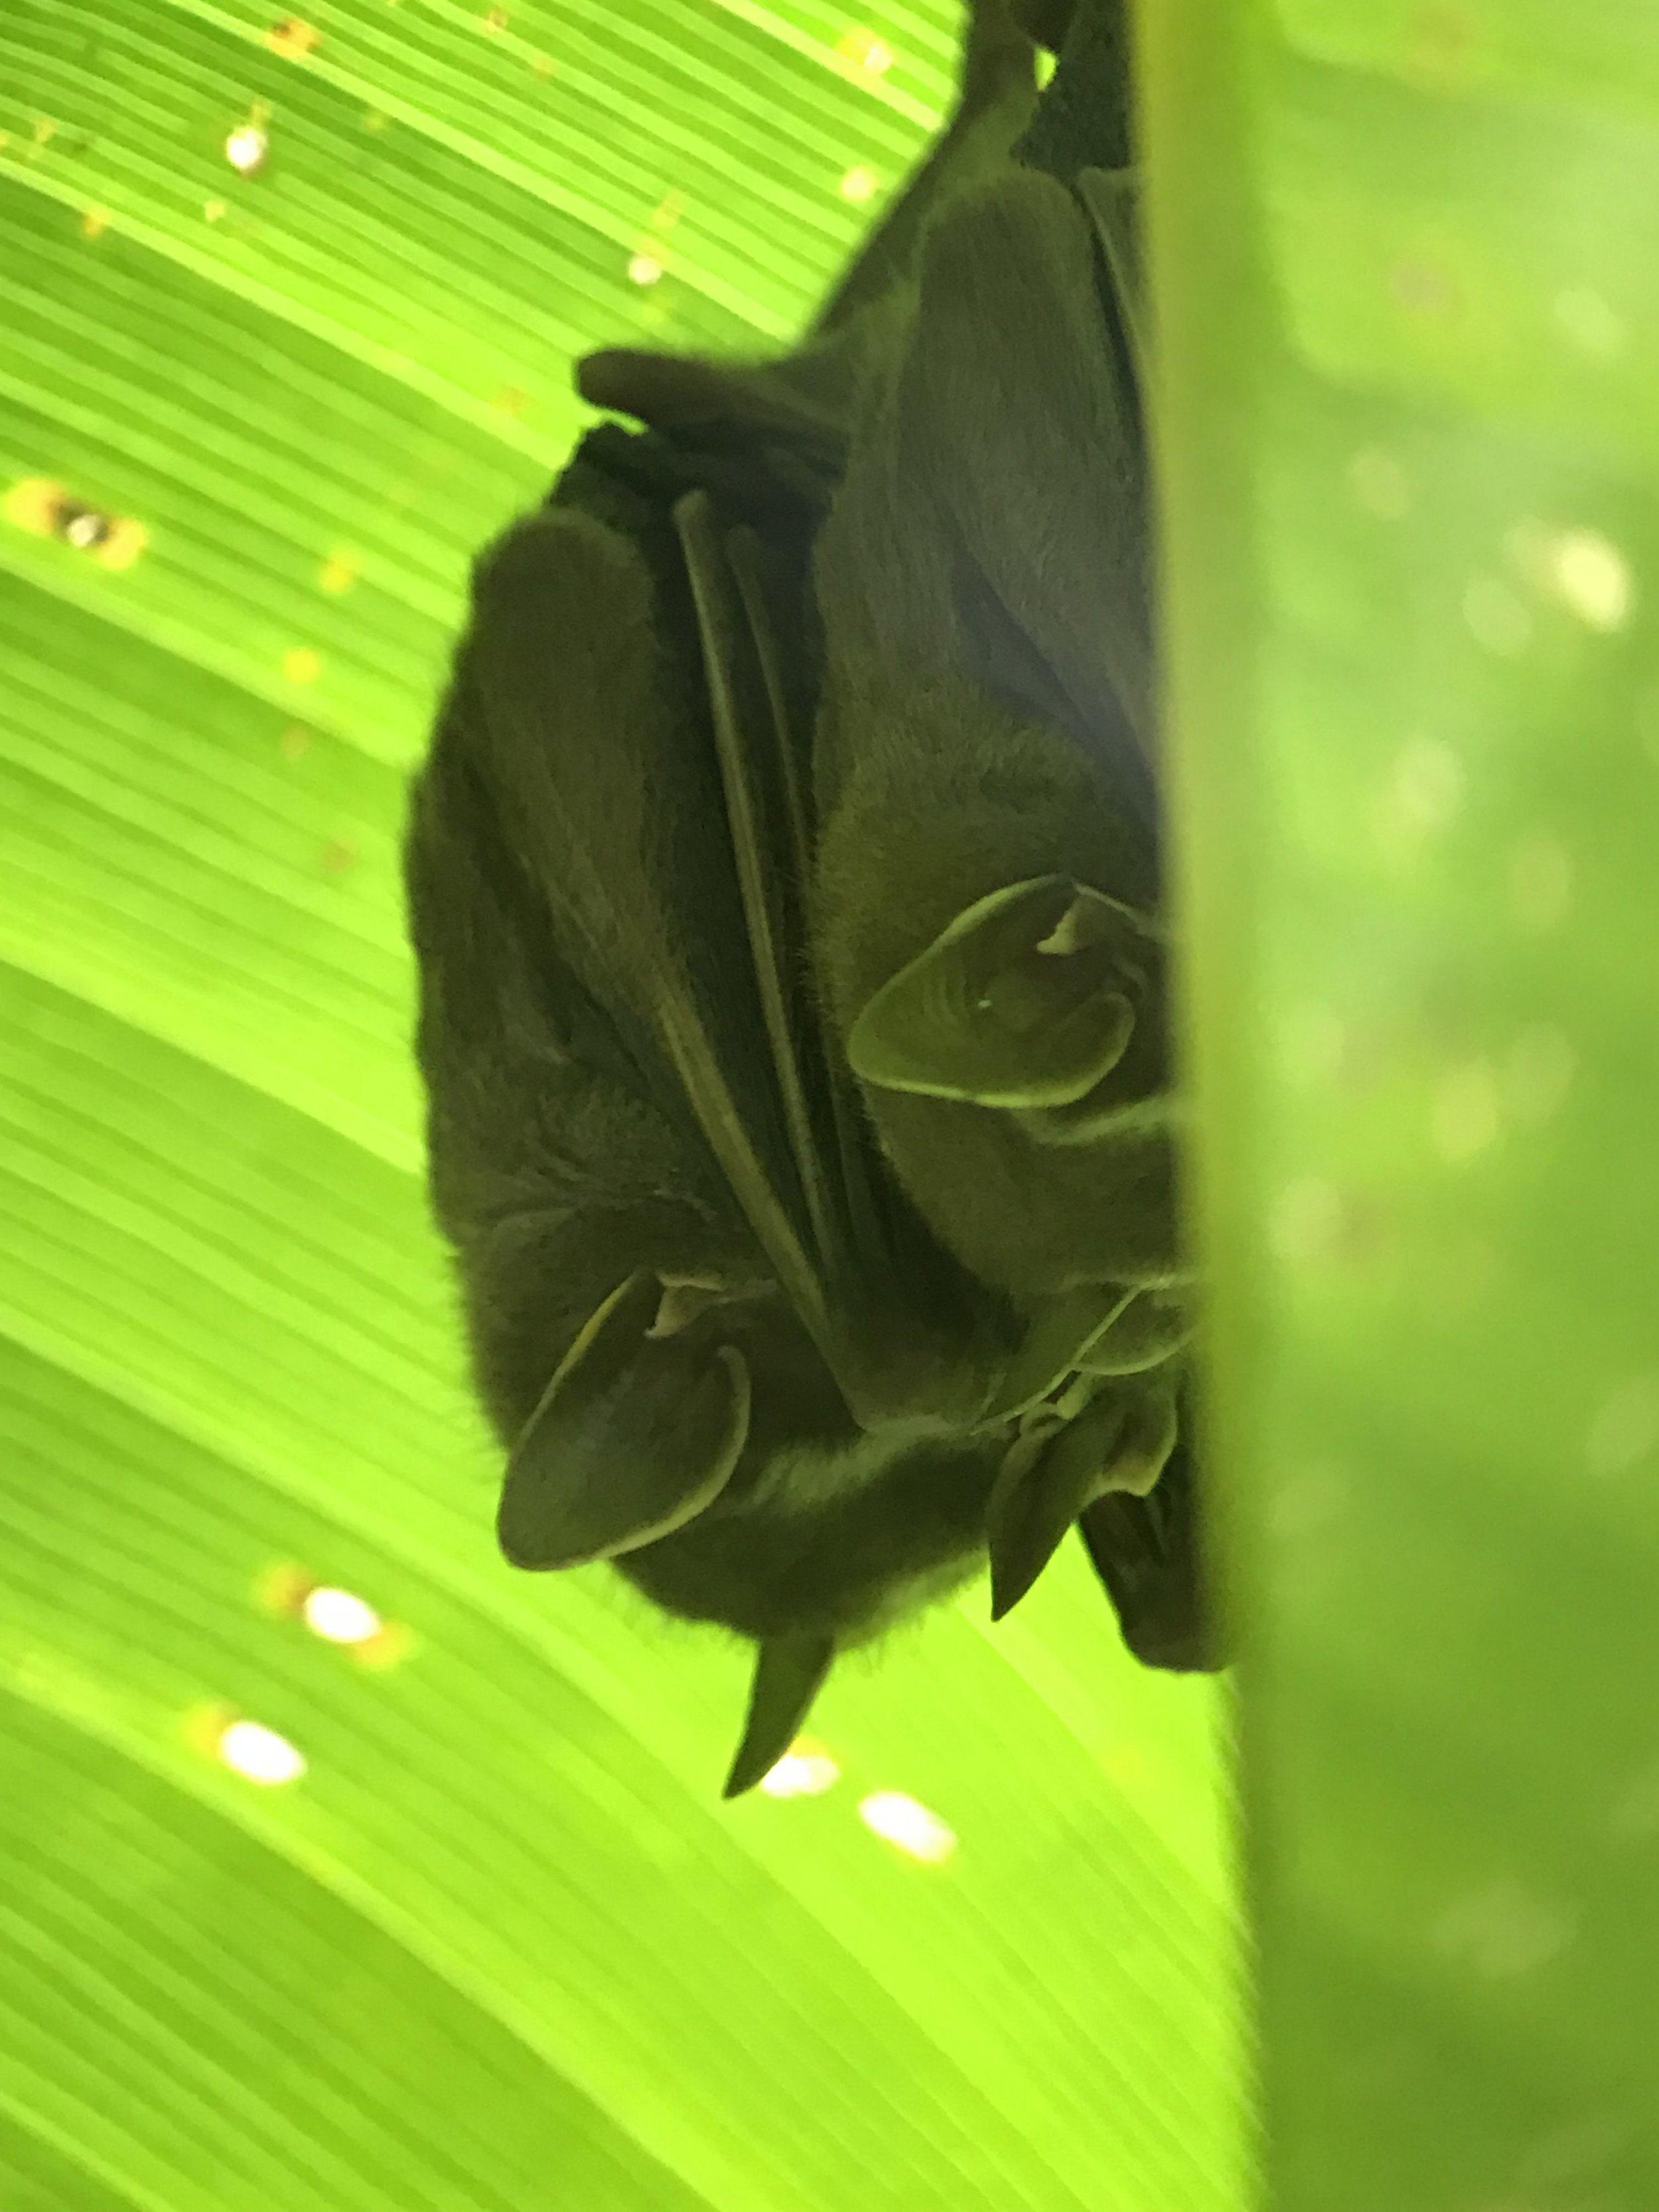 sleepy bats